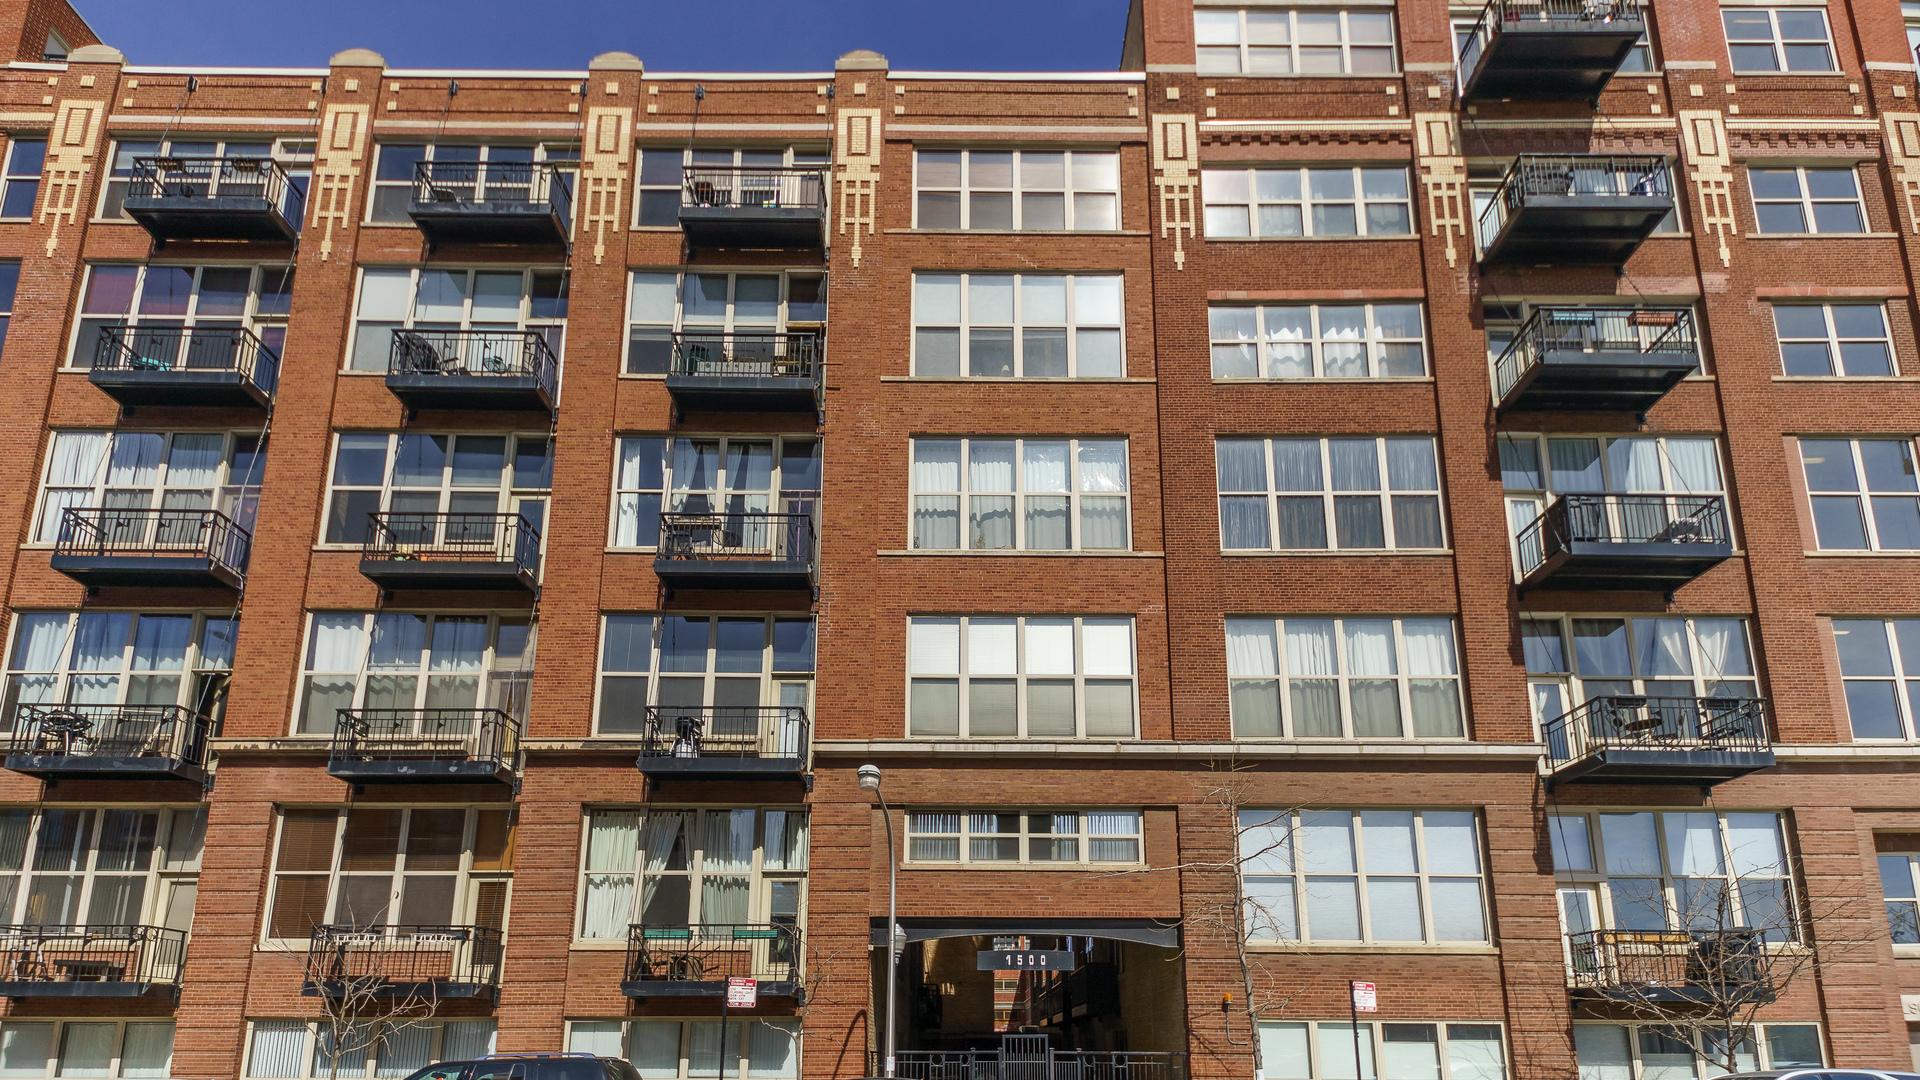 1500 1500 West Monroe Street 725 Street Street, Chicago-Near West Side, IL 60607